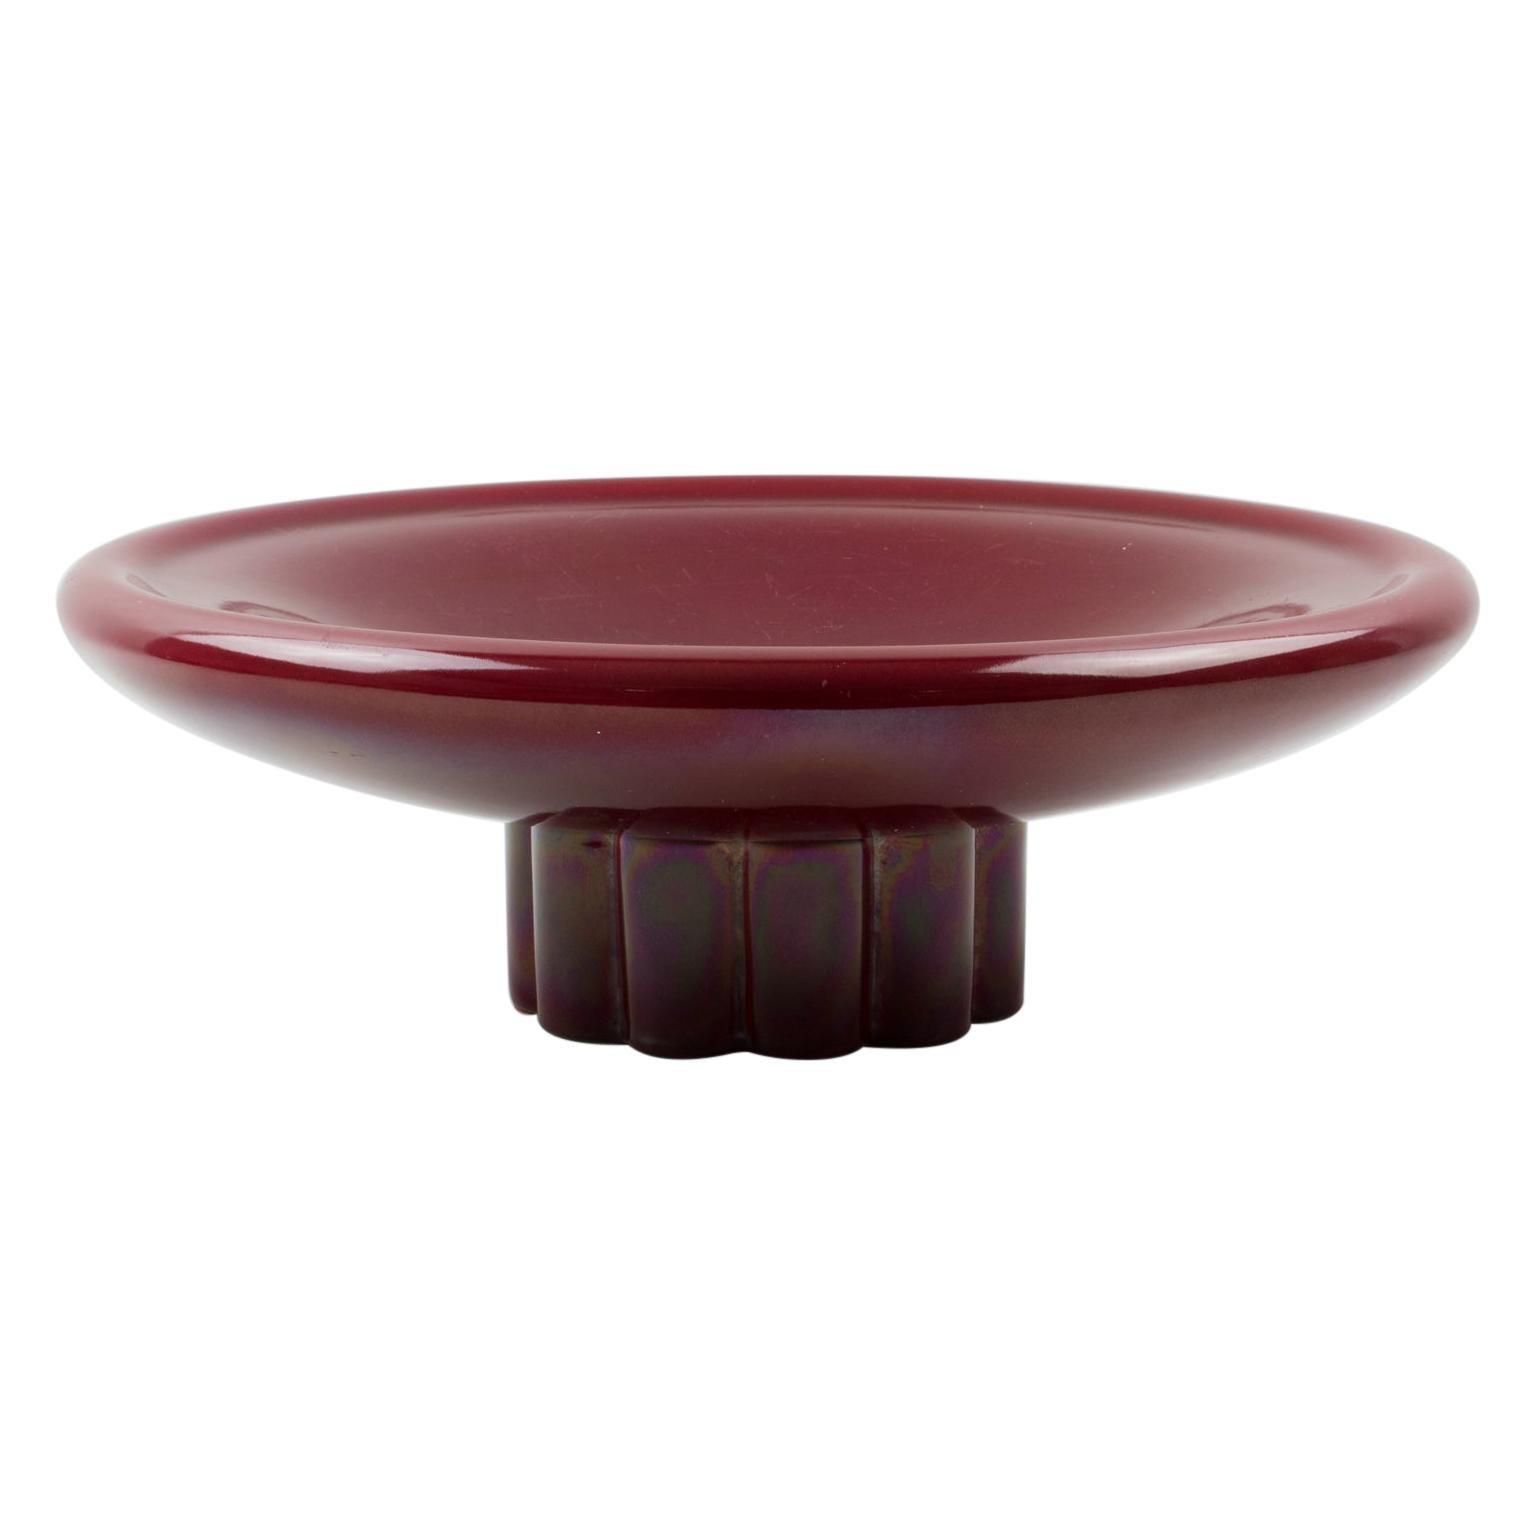 Paul Milet for Sevres Art Deco Oxblood Ceramic Bowl Centerpiece